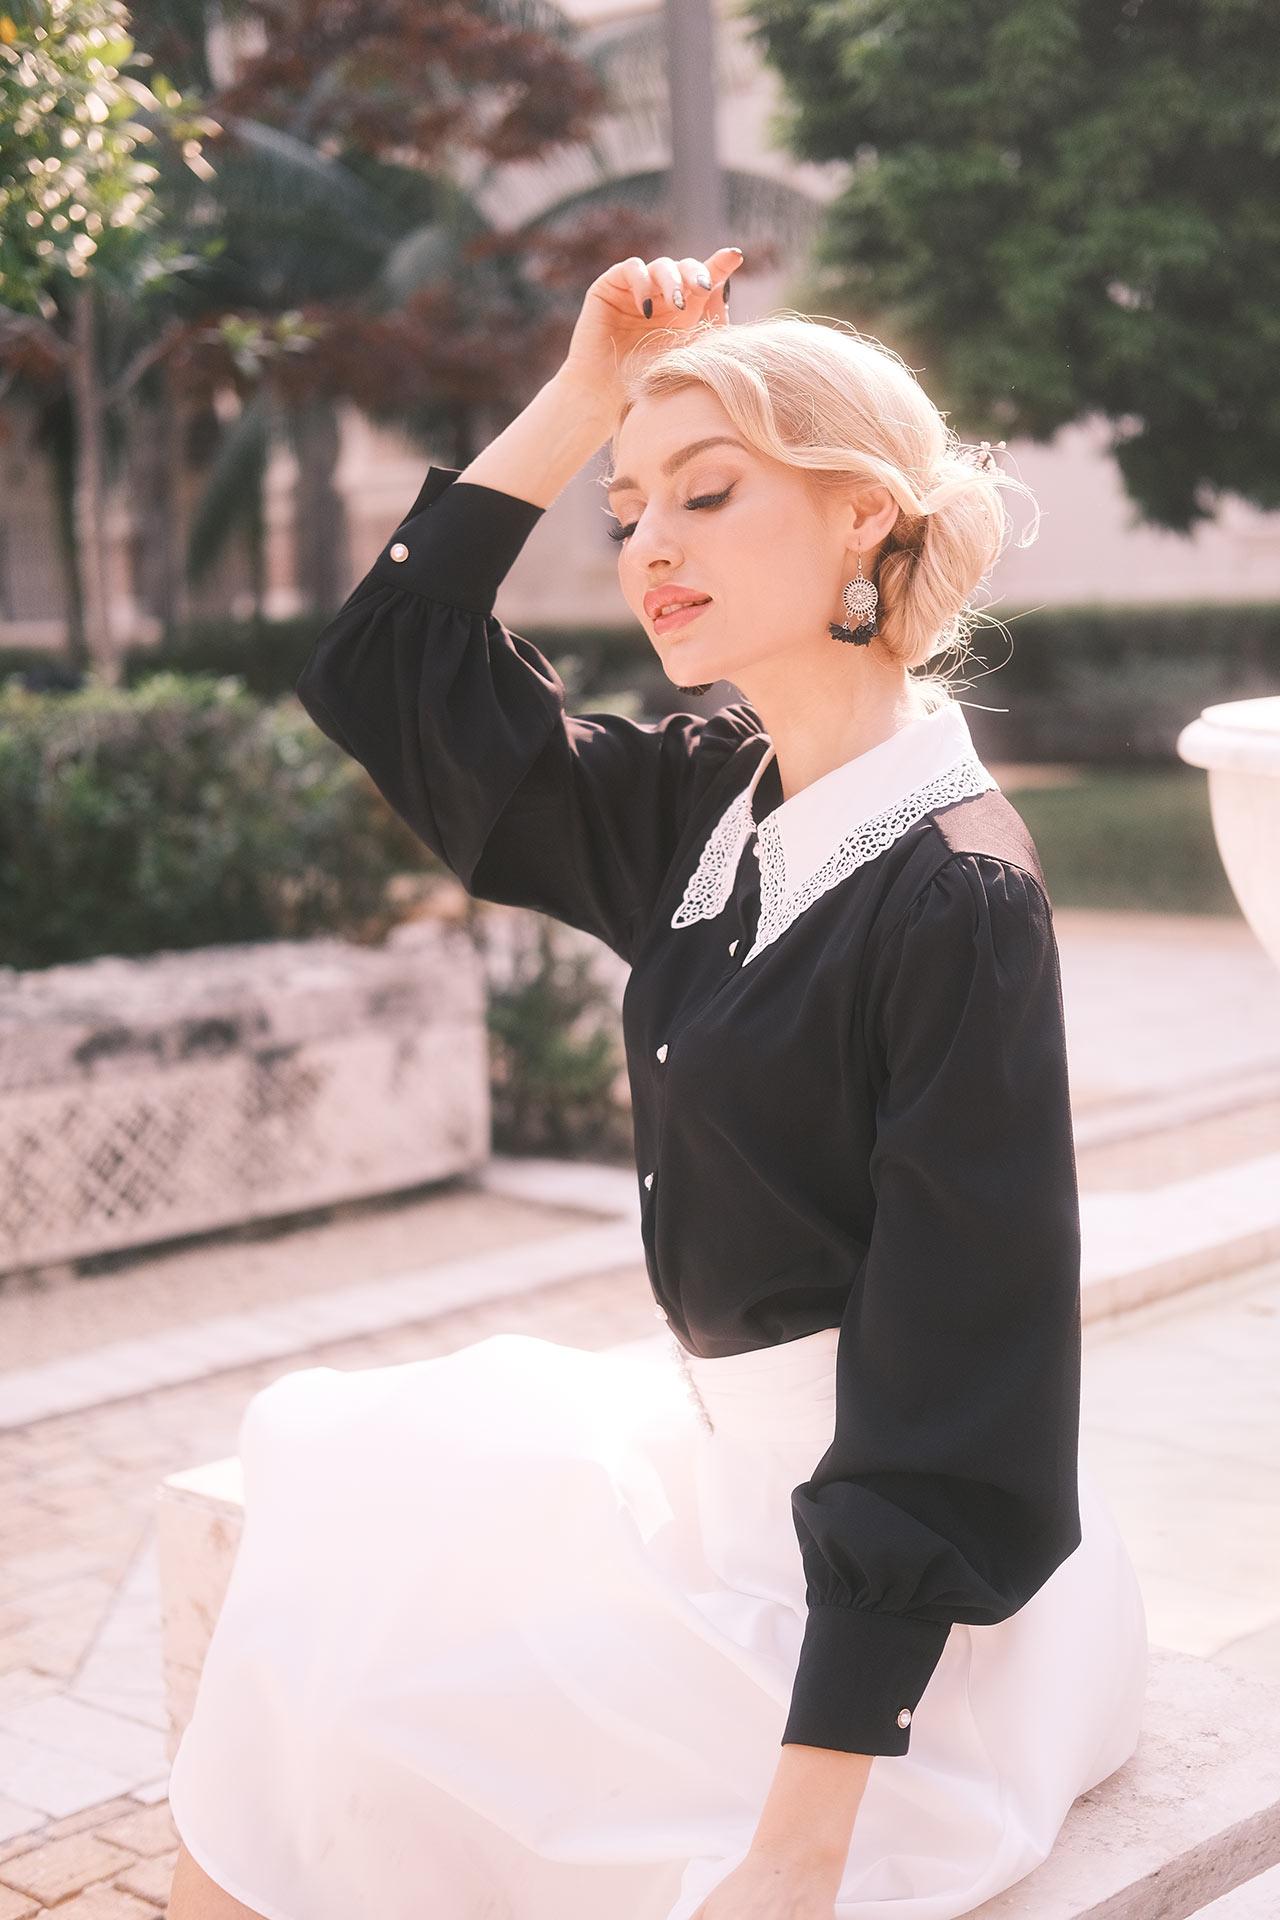 Classy Glow Fashion Dreamy Portrait Fujifilm Film Recipe